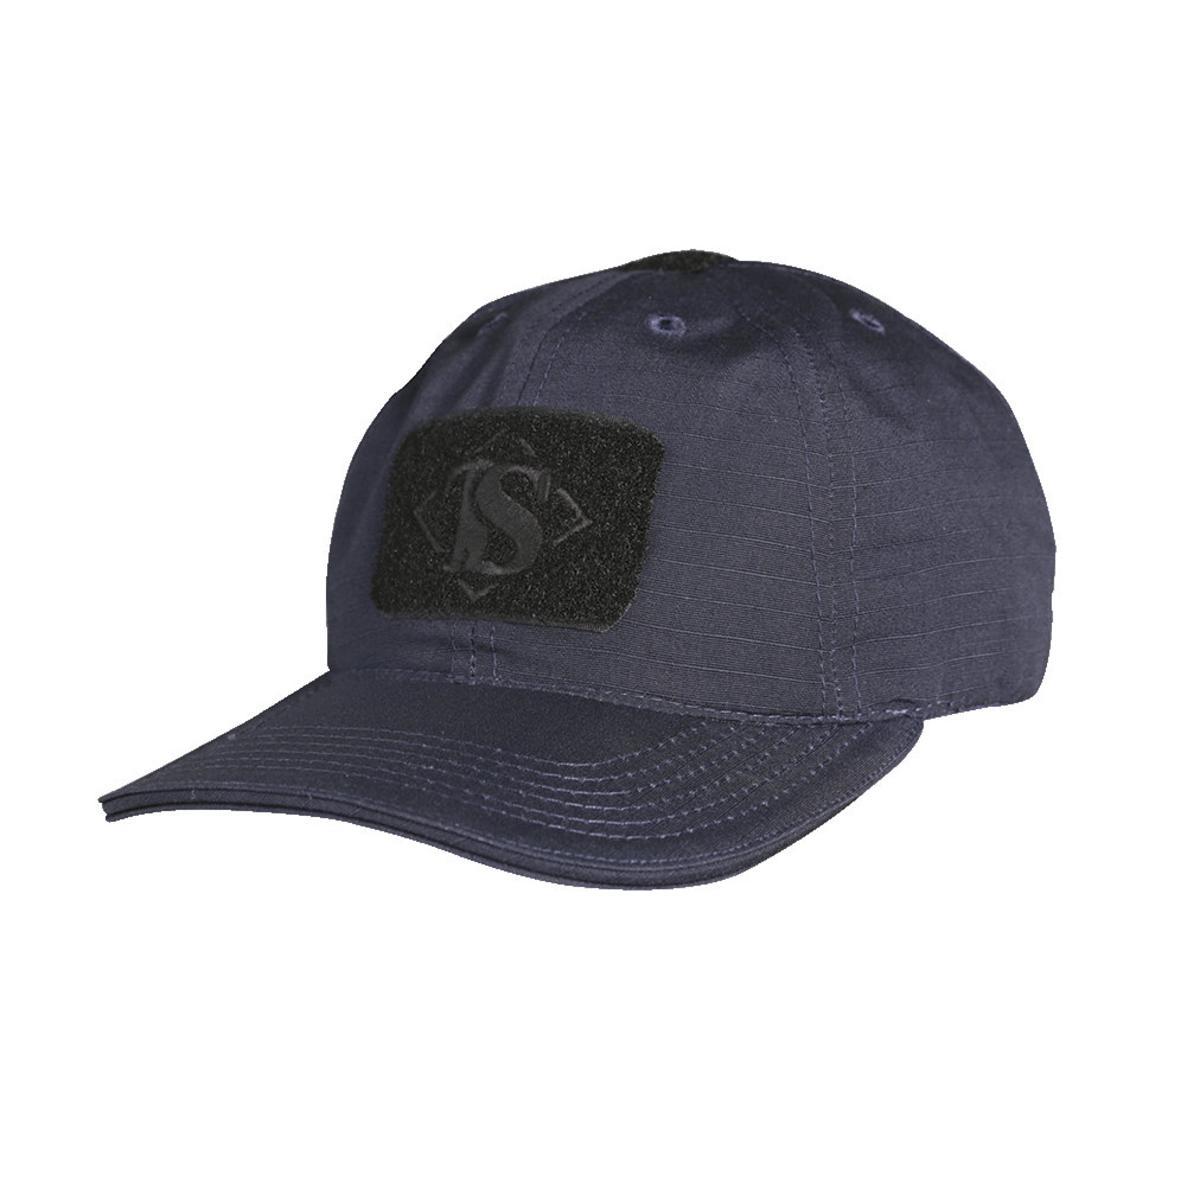 Tru-Spec-Contractors-Cap-Tactical-Baseball-Operators-Hat-Poly-Cotton-Rip-Stop